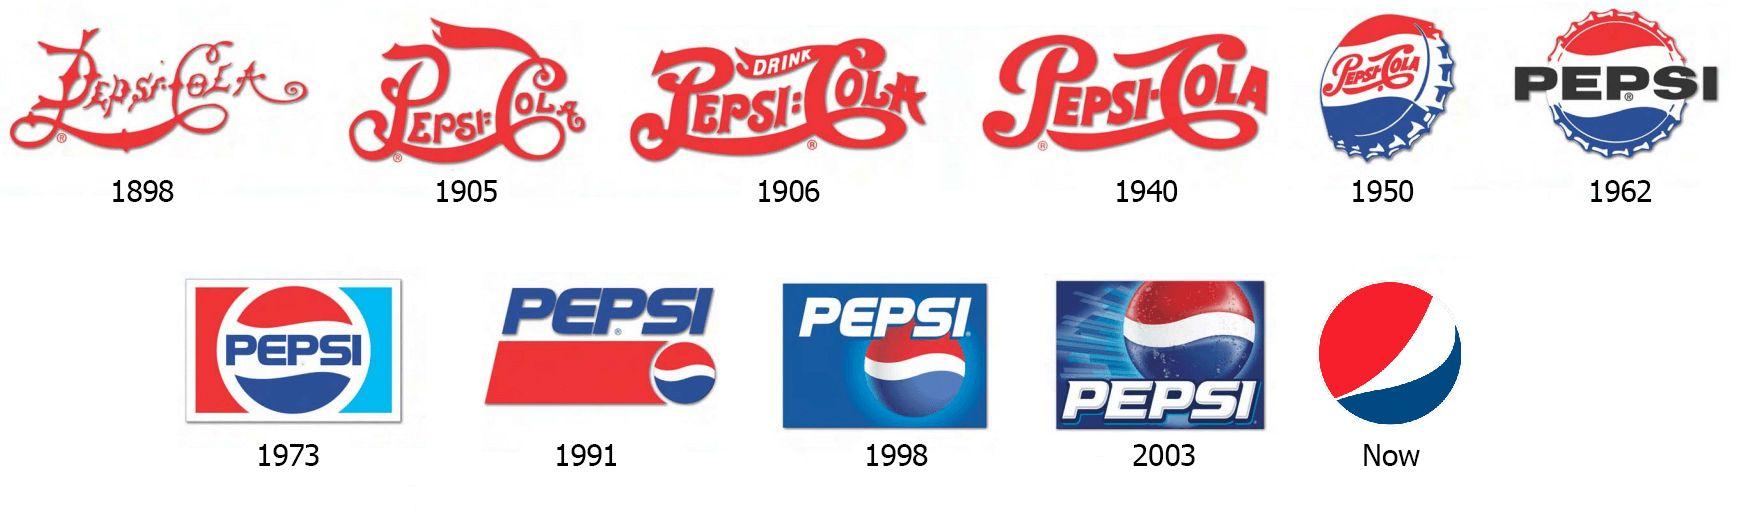 First Pepsi Logo.